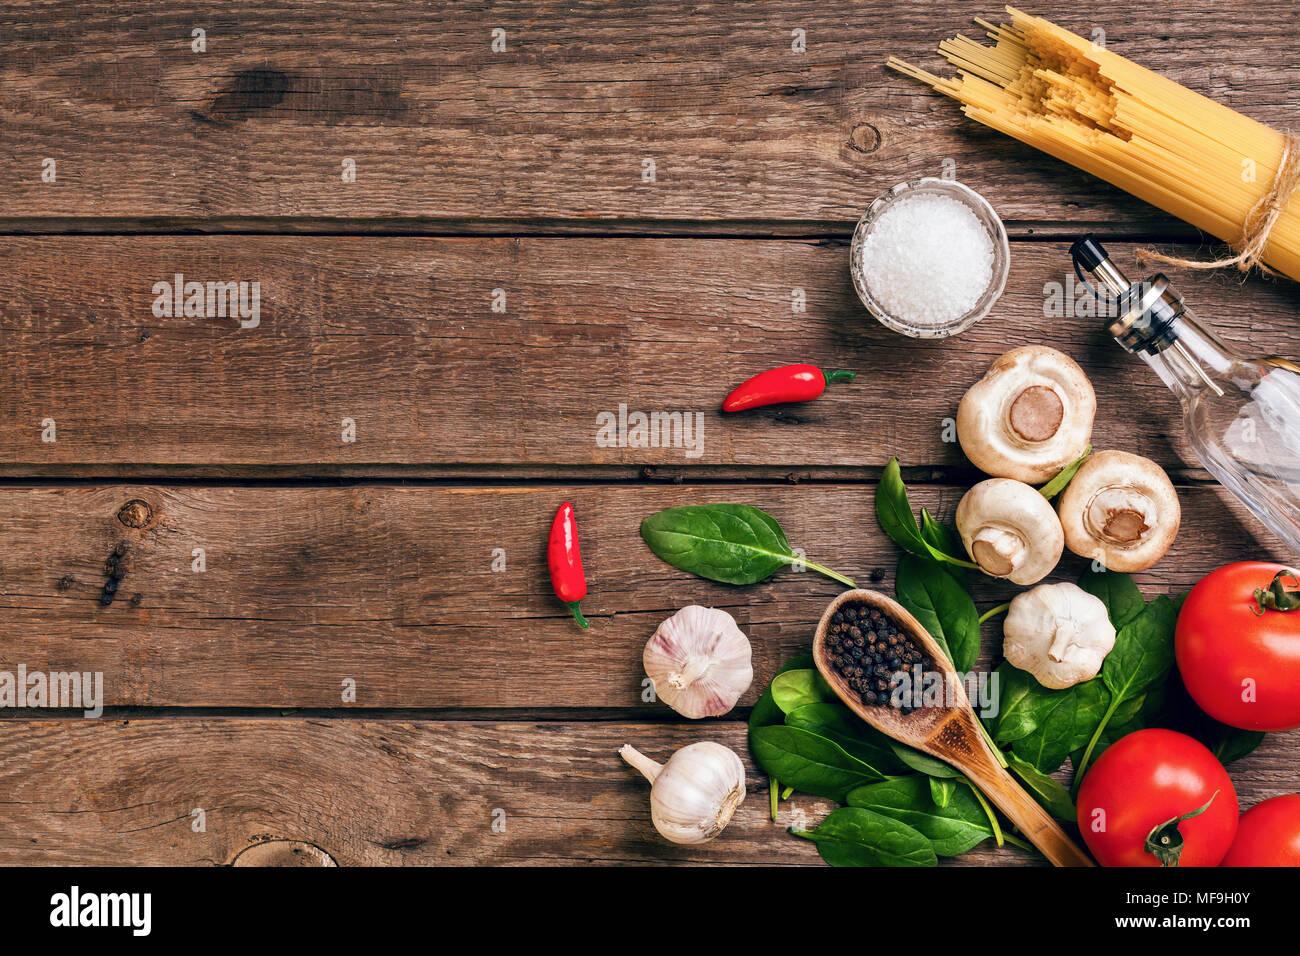 Comida italiana ingredientes para preparar la pasta sobre fondo de madera Imagen De Stock